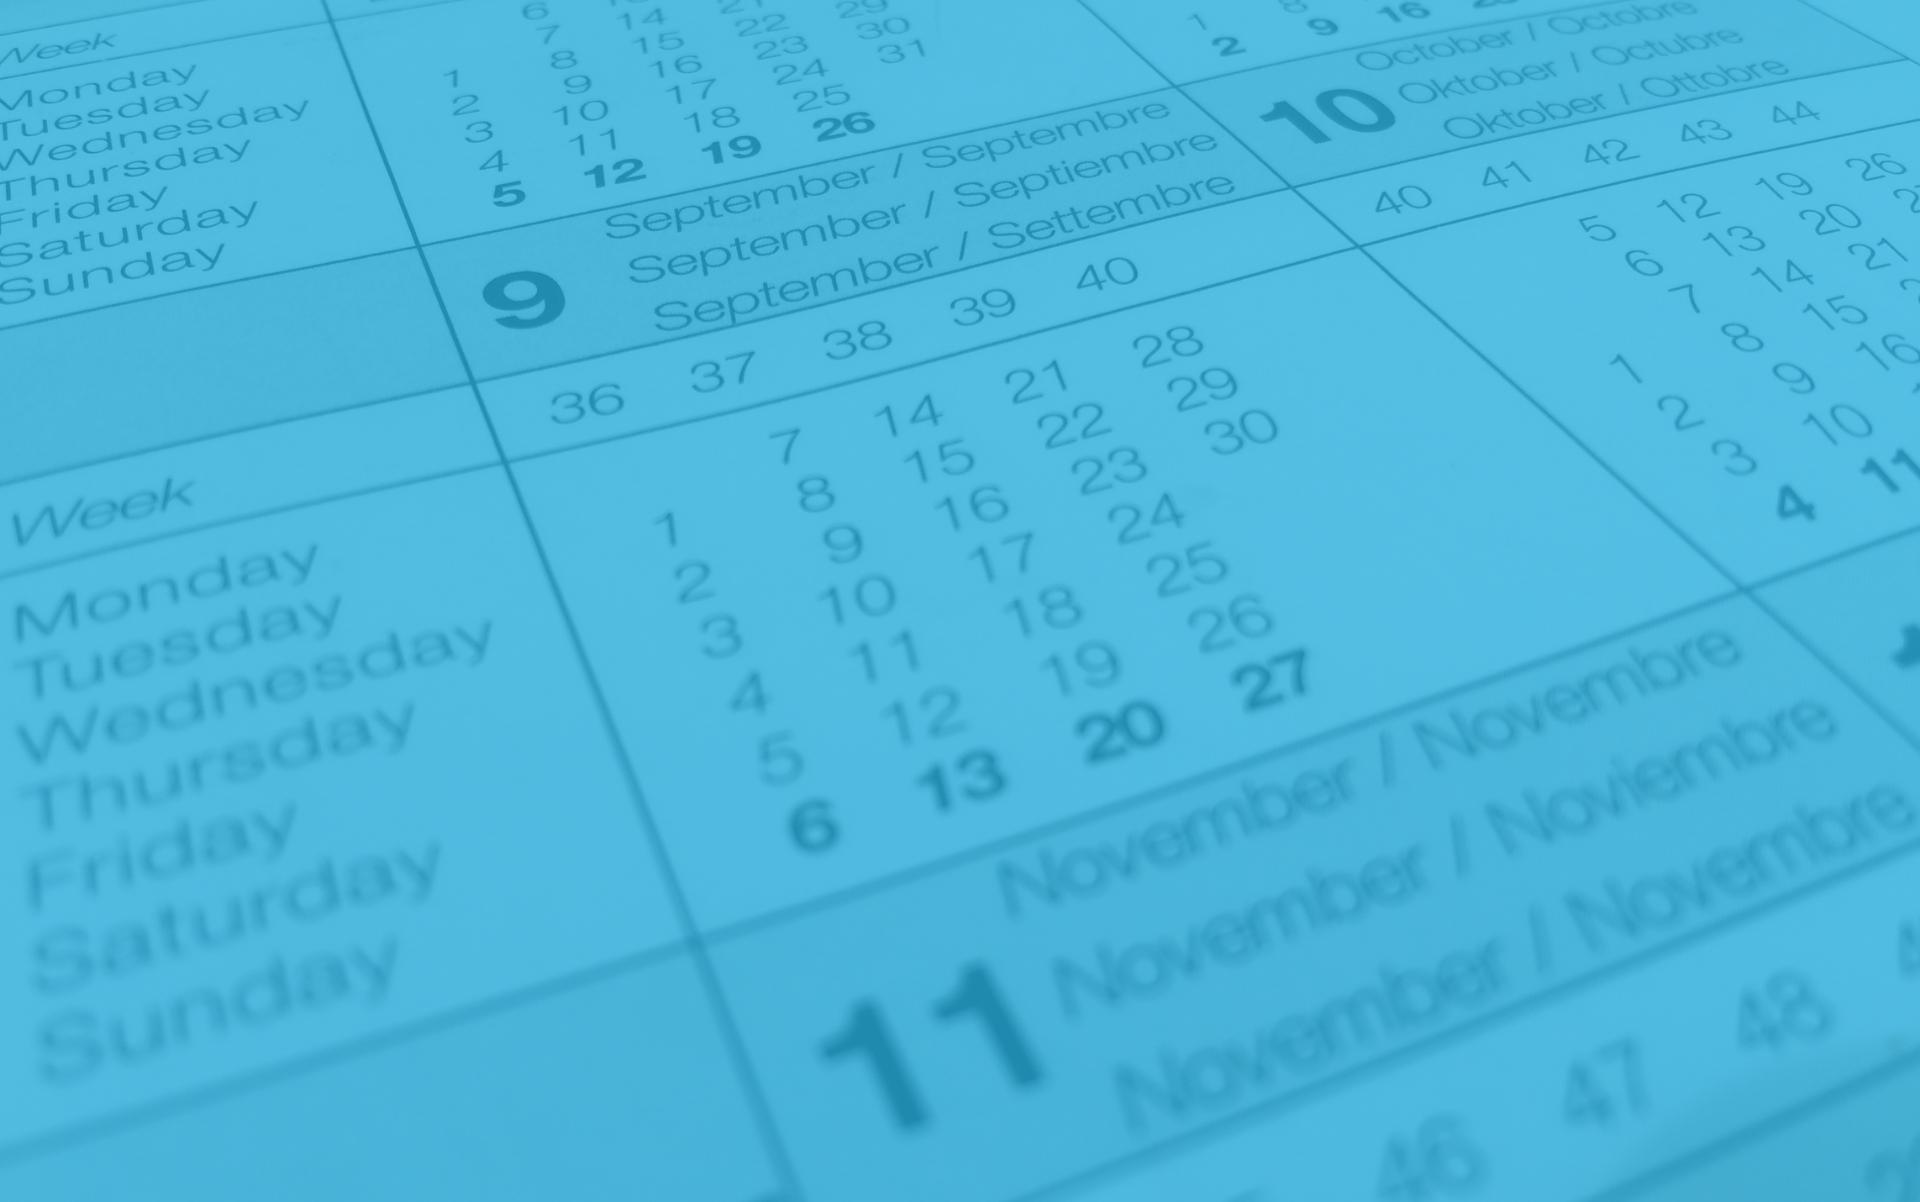 calendario del contribuyente para el año 2021